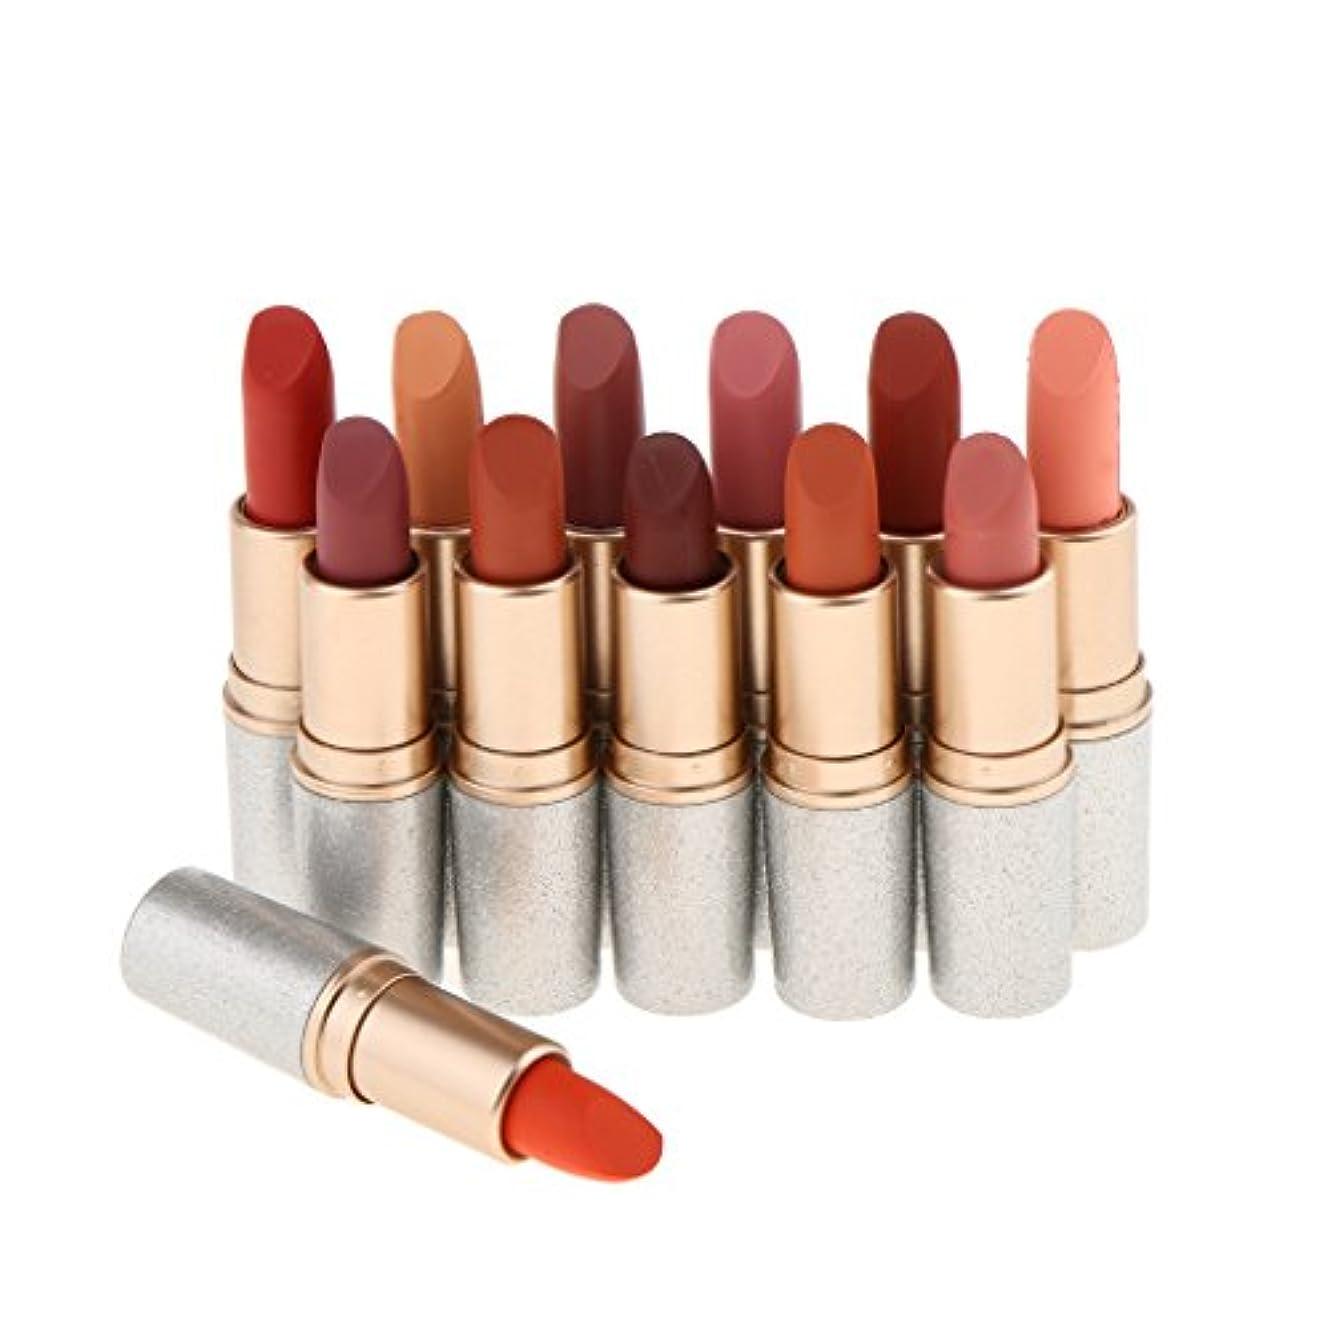 インフルエンザサークルパキスタンSM SunniMix ベルベットマット 口紅 マット リップスティック 化粧品 12色